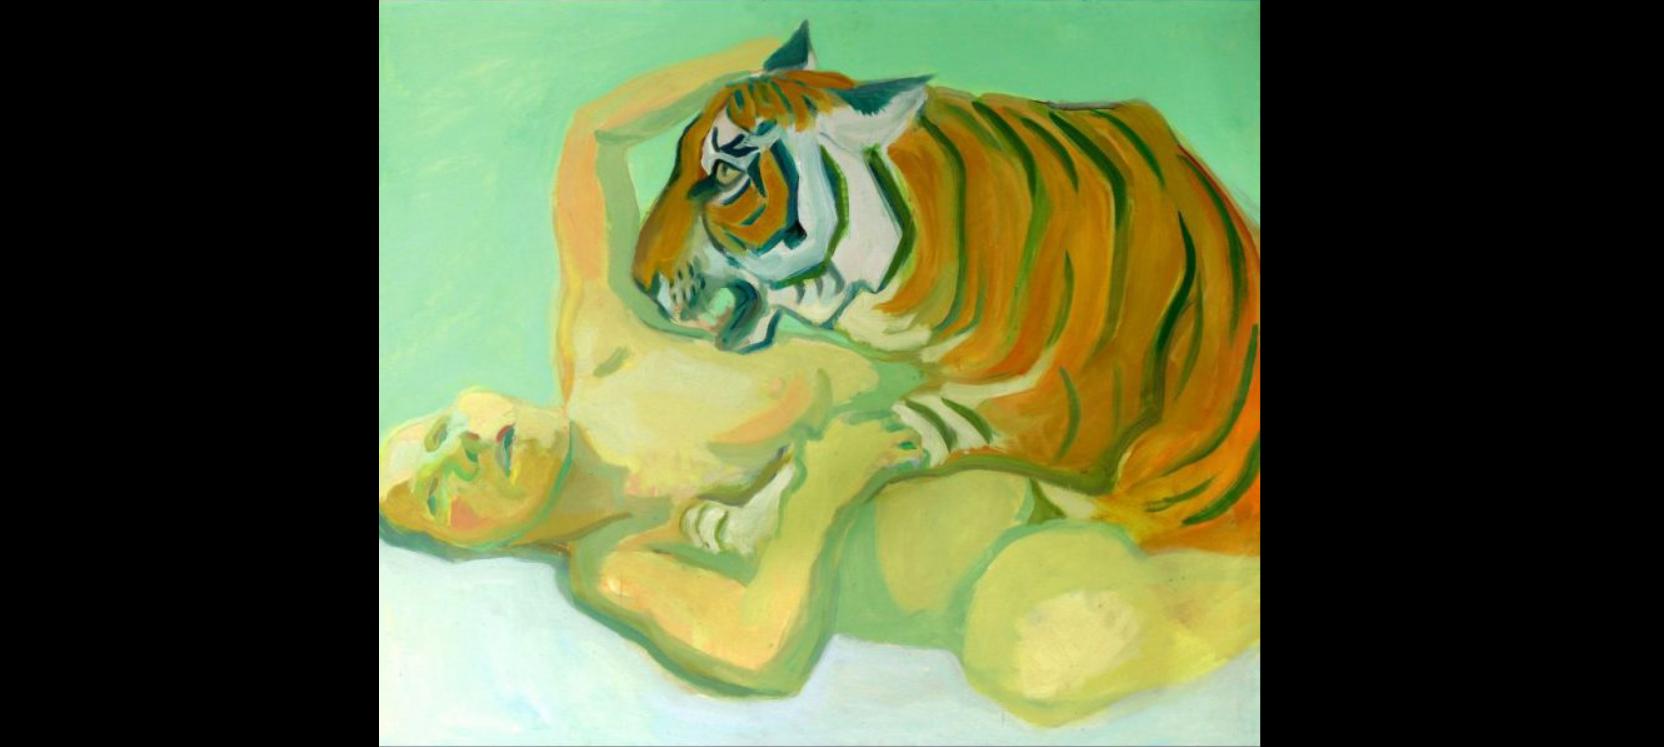 a tigre